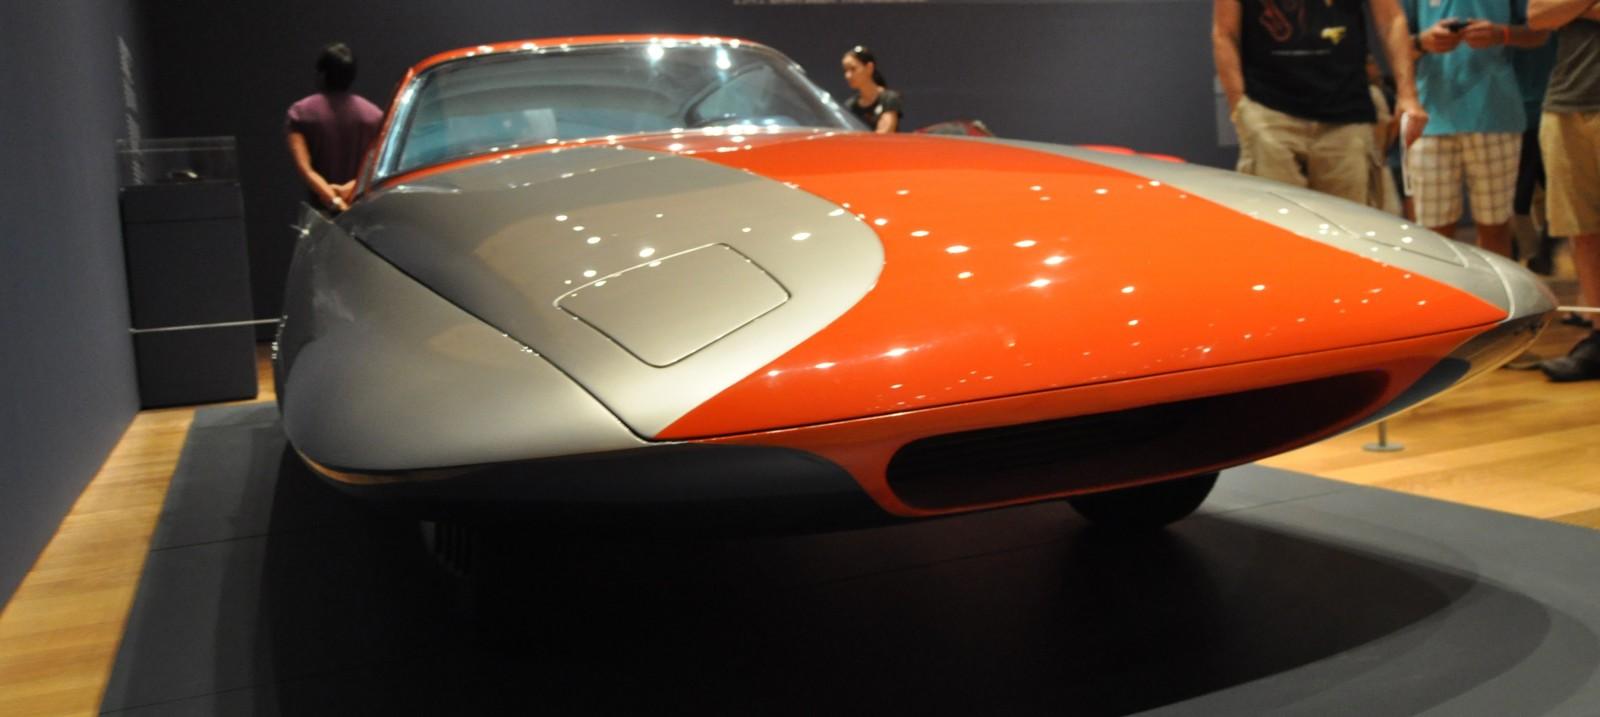 Atlanta Dream Cars - 1955 Chrysler Streamline X Ghilda by GHIA is Turbine Car Ideal 21